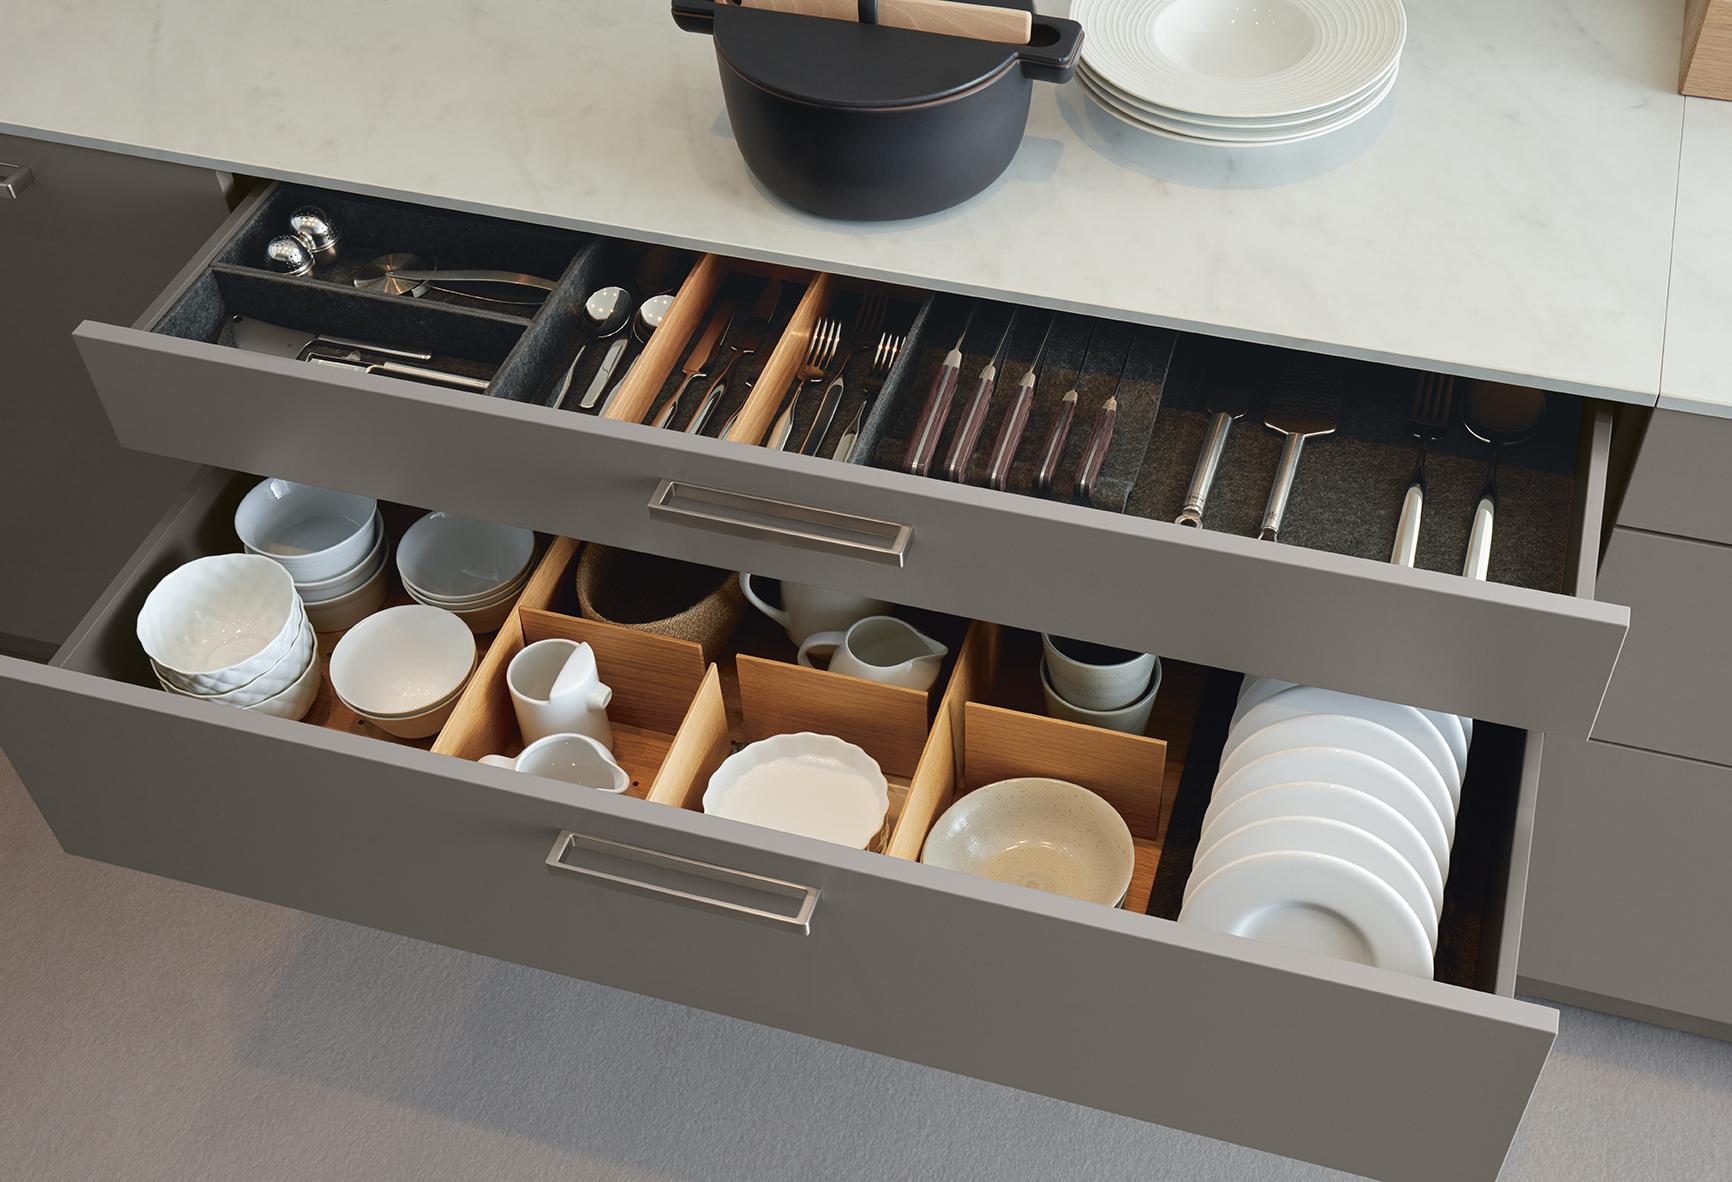 Rangement tiroir gris plan de travail blanc cuisine équipée